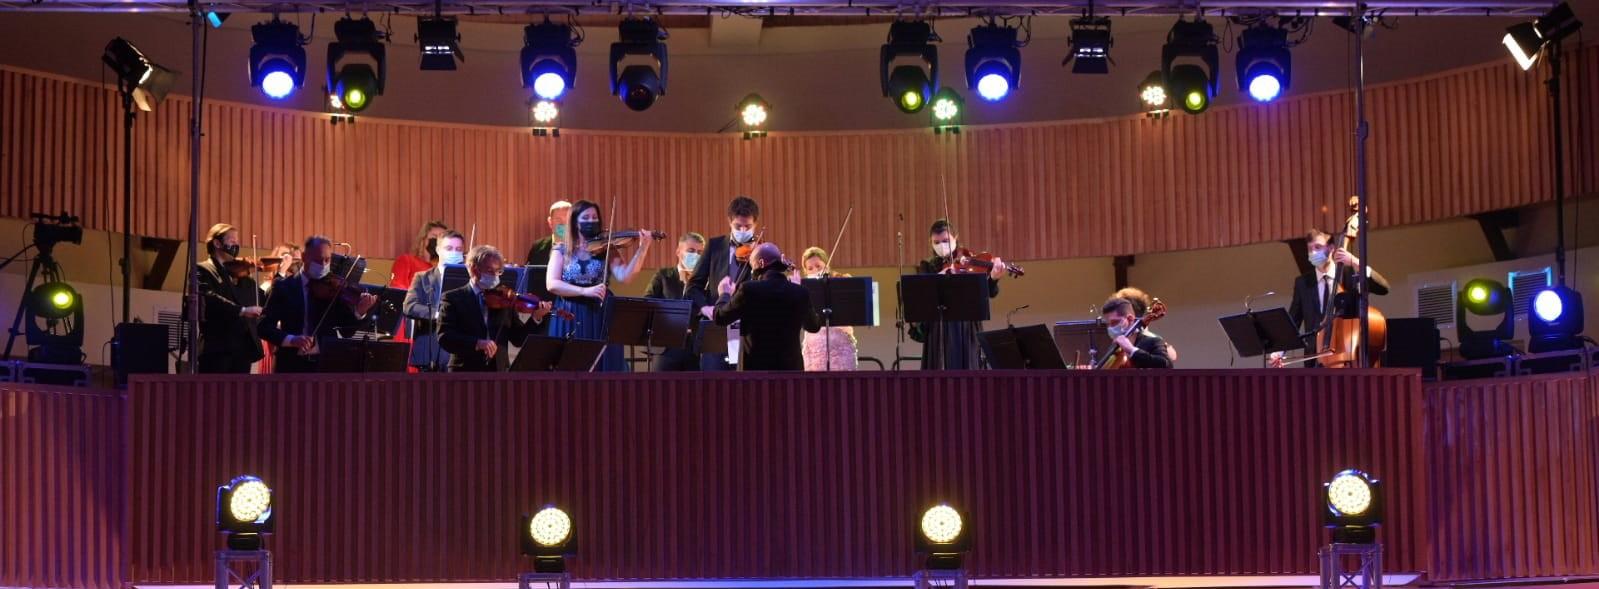 Primul Concert al Filarmonicii de Stat Sibiu din anul 2021 va fi cu public